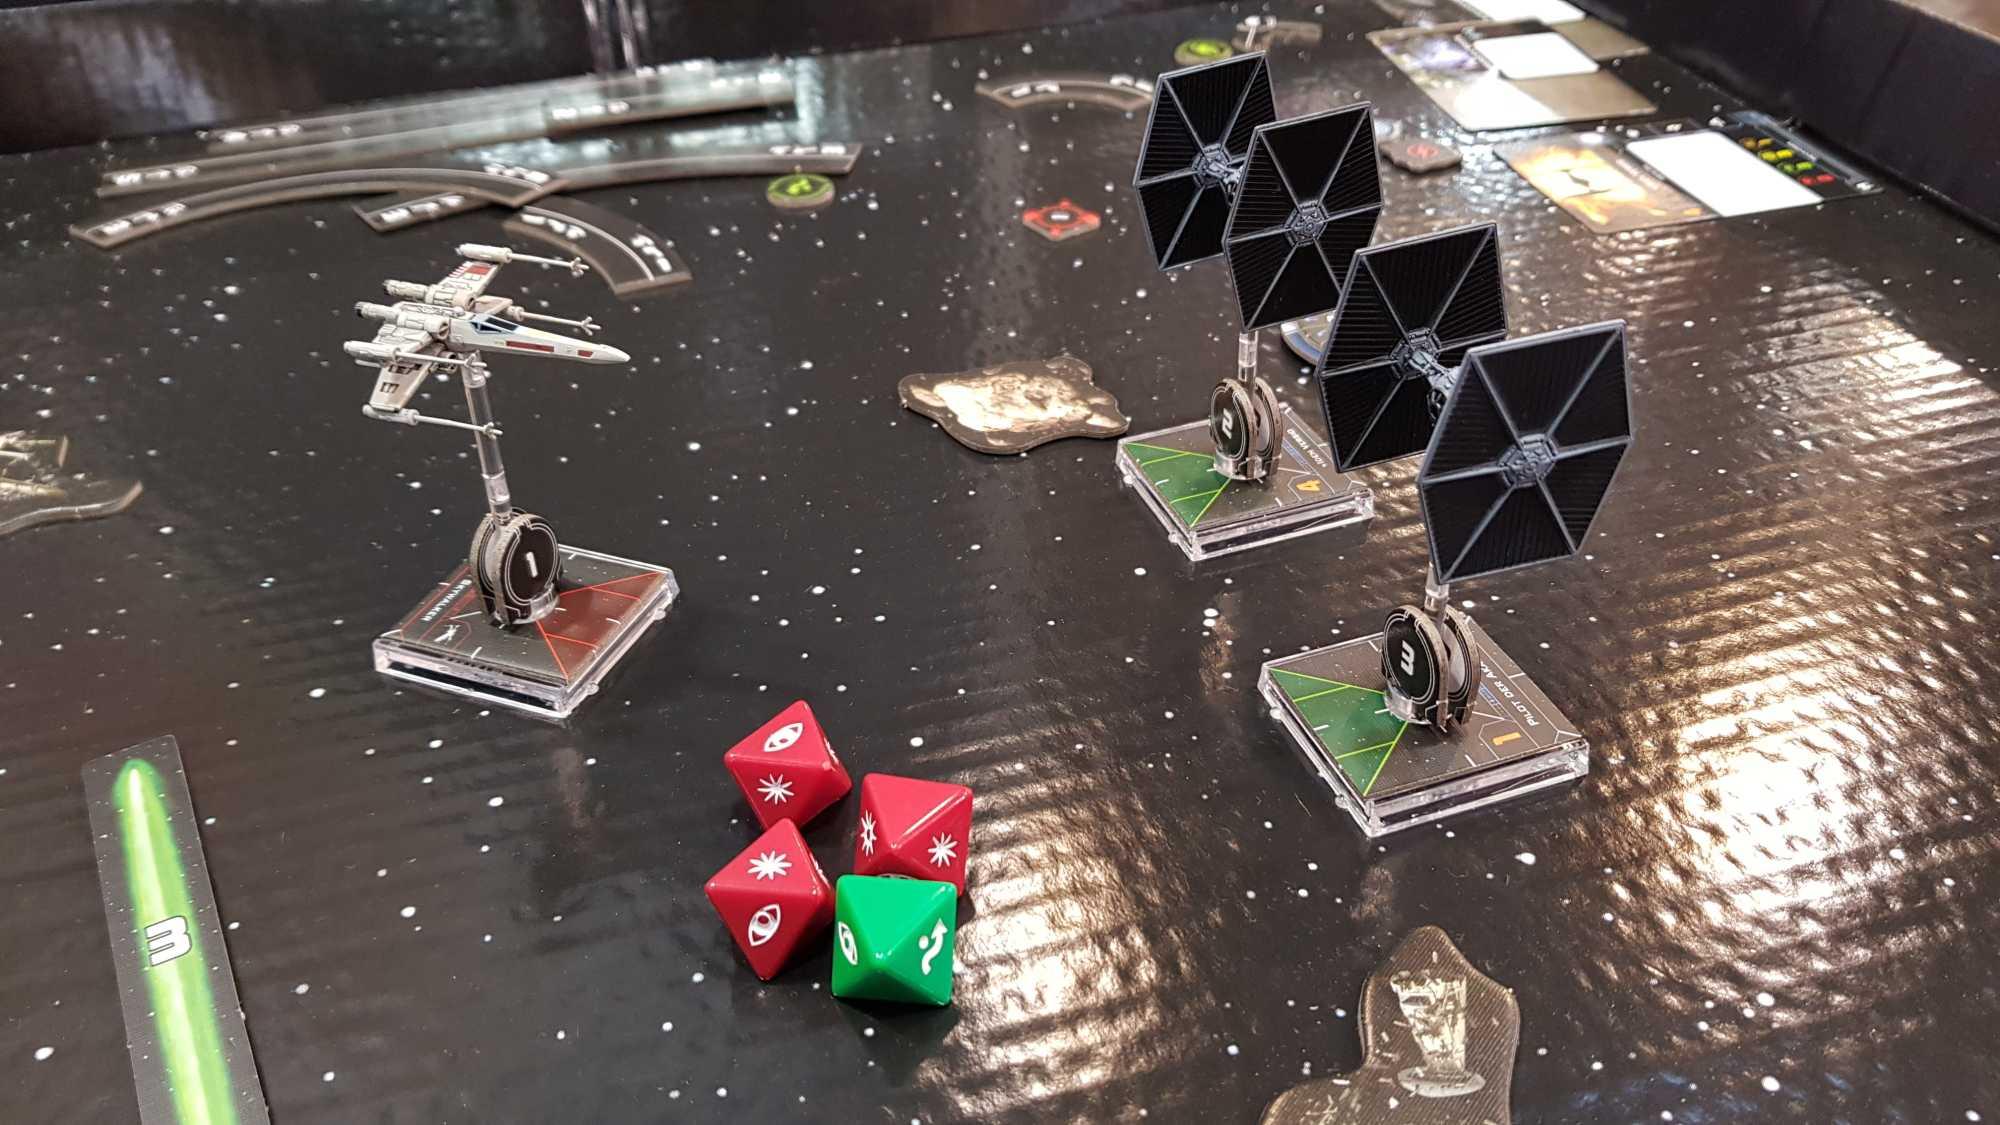 Jedes Jahr auf der SPIEL zu finden: Das Star Wars X-Wing Miniaturenspiel. Das Tabletop mit den hübschen Raumschiffmodellen kommt 2018 allerdings mit überholtem Regelwerk und neuen Features daher.